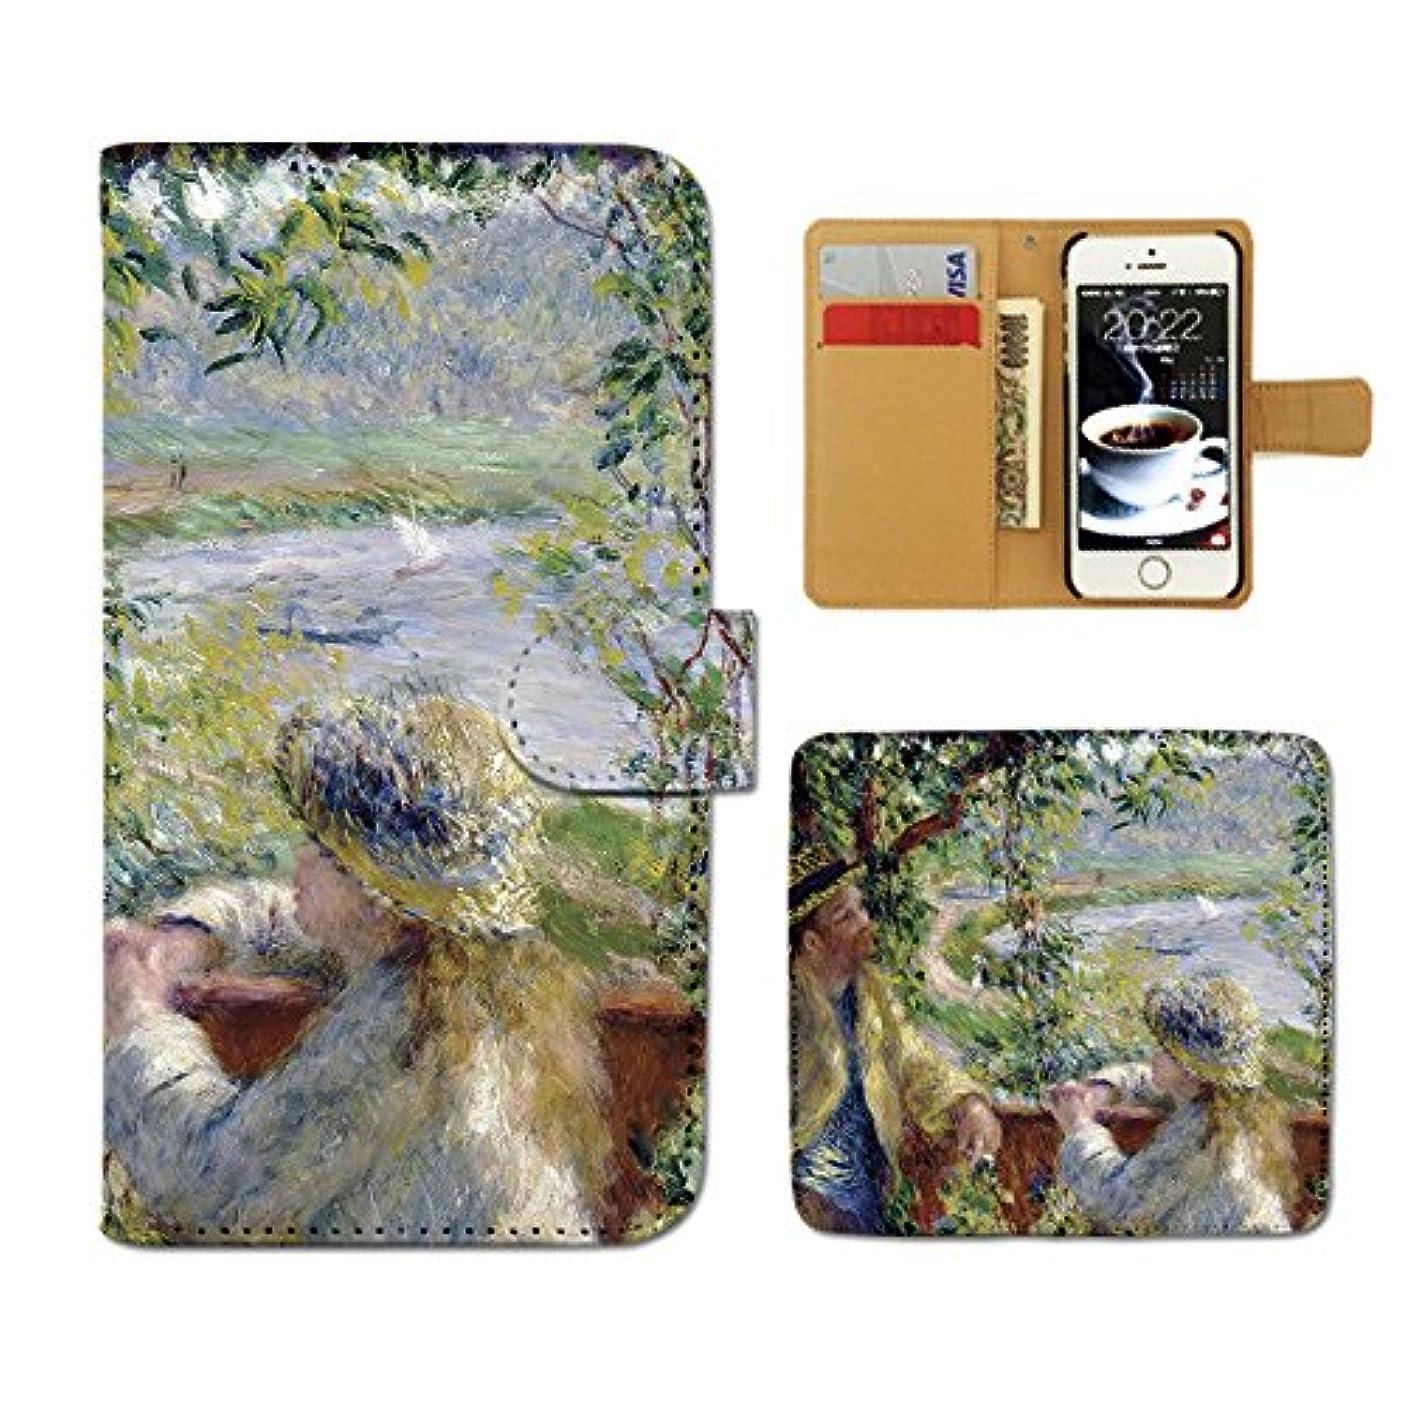 食物欠如擬人化(ティアラ) Tiara Xperia Z2 SO-03F スマホケース 手帳型 絵画 手帳ケース カバーアート ルノワール 湖の傍で E0226030060905